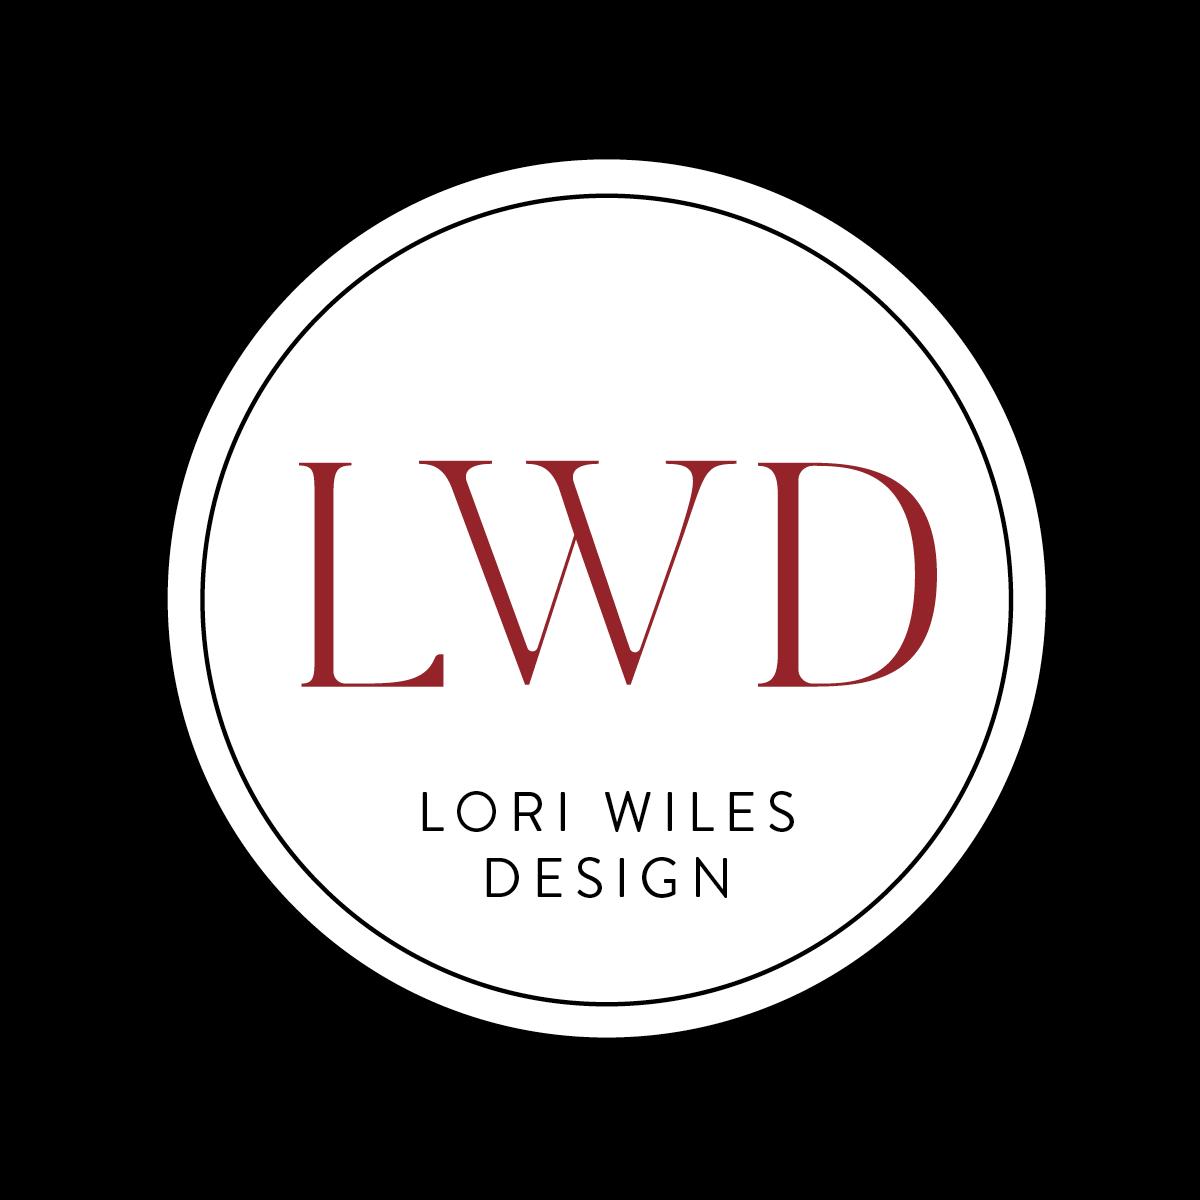 Lori Wiles Design